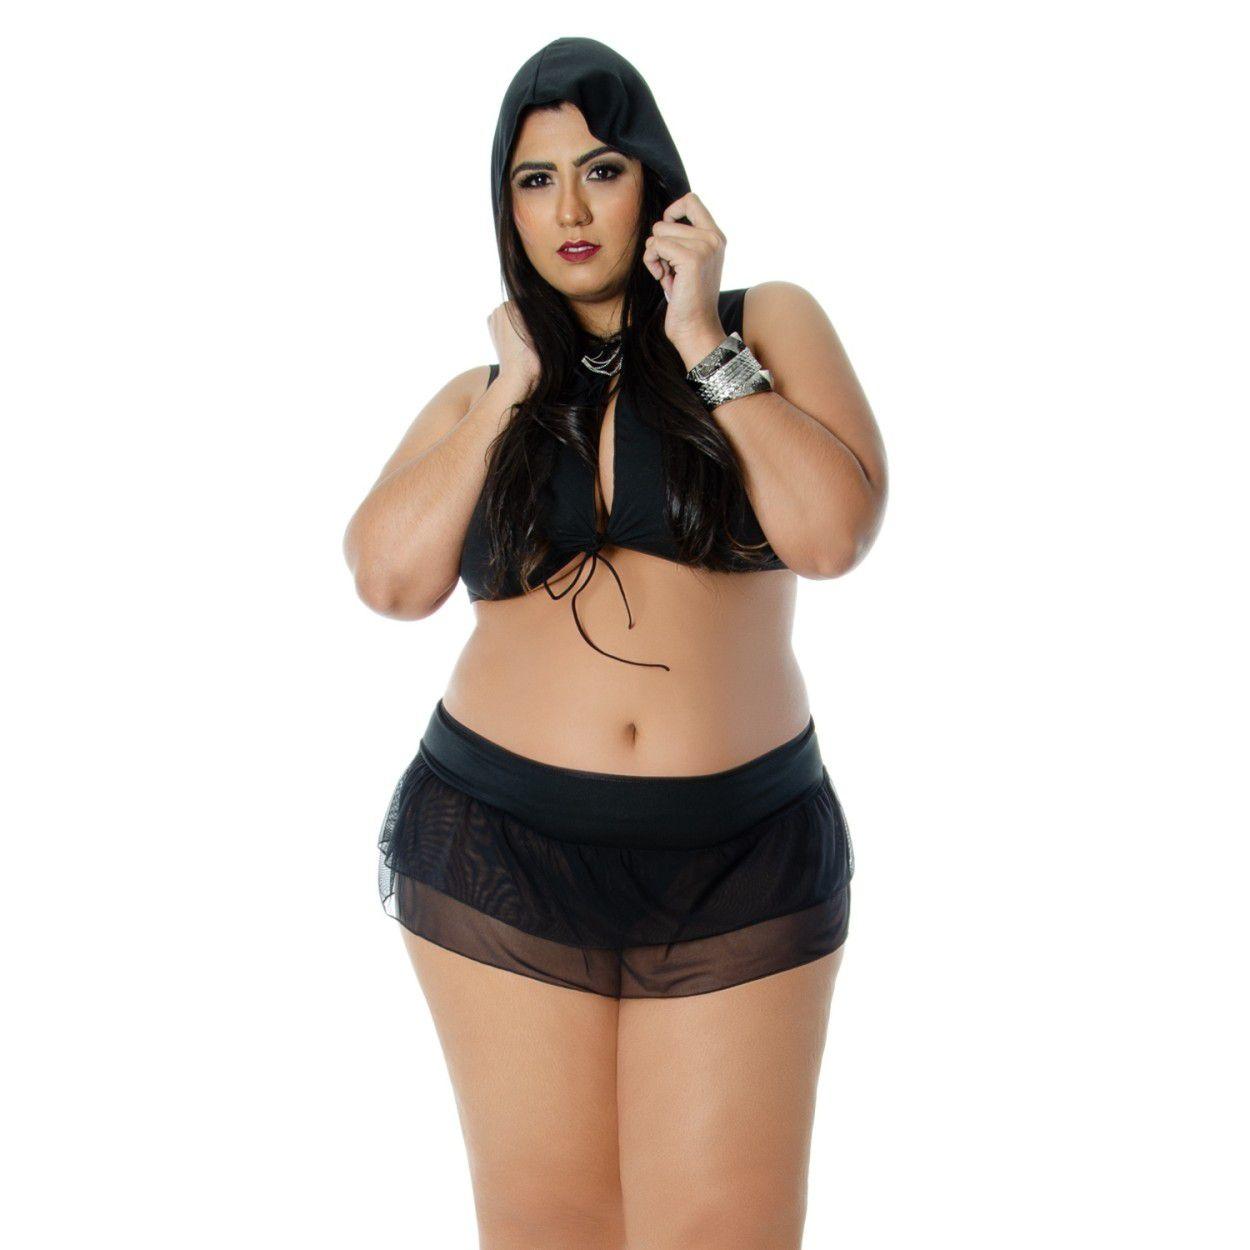 Fantasia Bandida Plus Size (Manequins 44 ao 50)